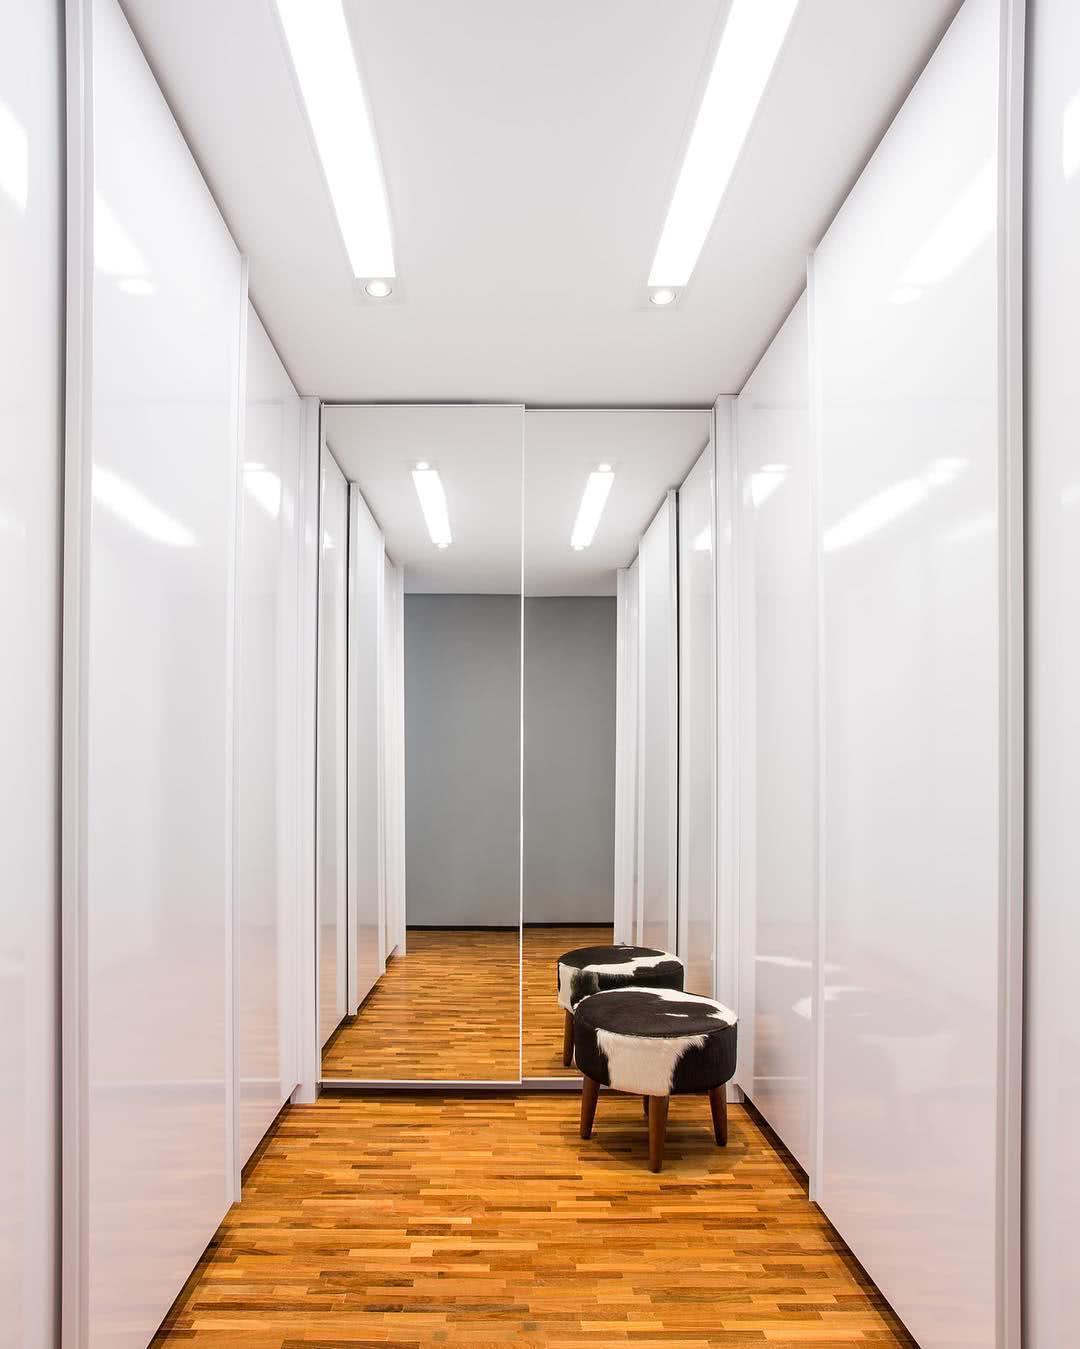 image37 | Раздвижные двери в интерьере преимущества использования и готовые решения